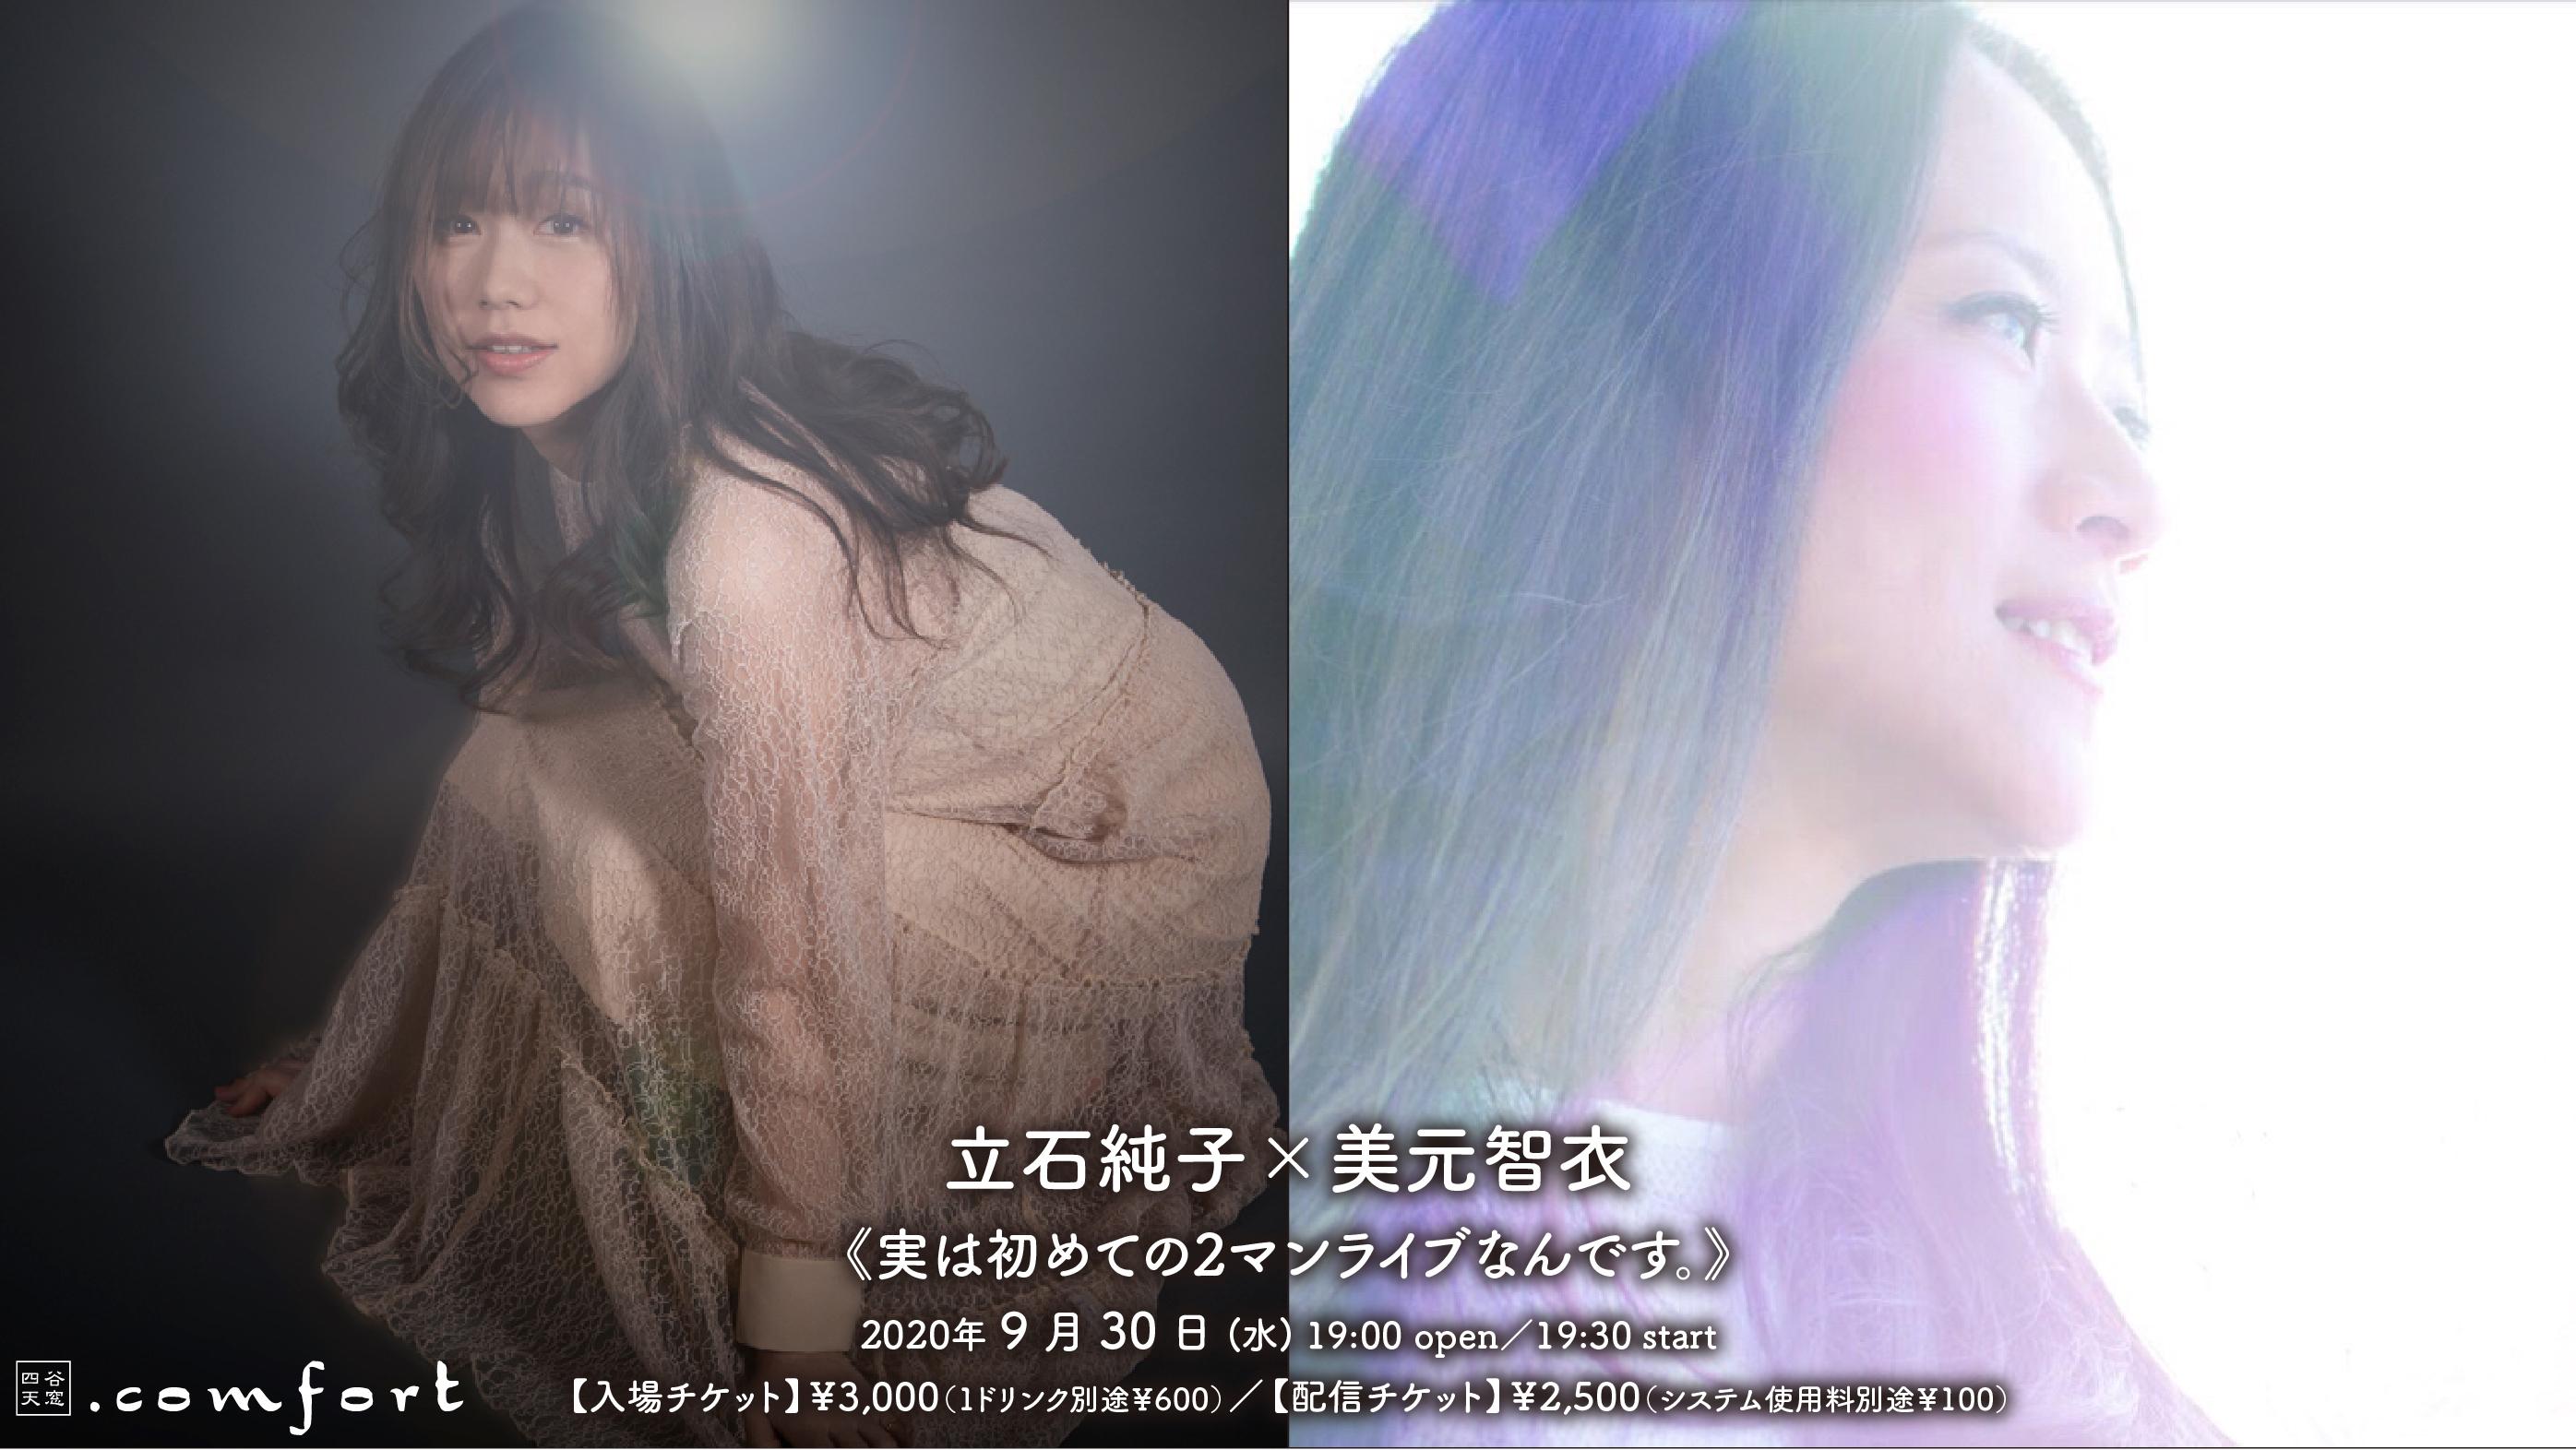 立石純子×美元智衣 《実は初めての2マンライブなんです。》